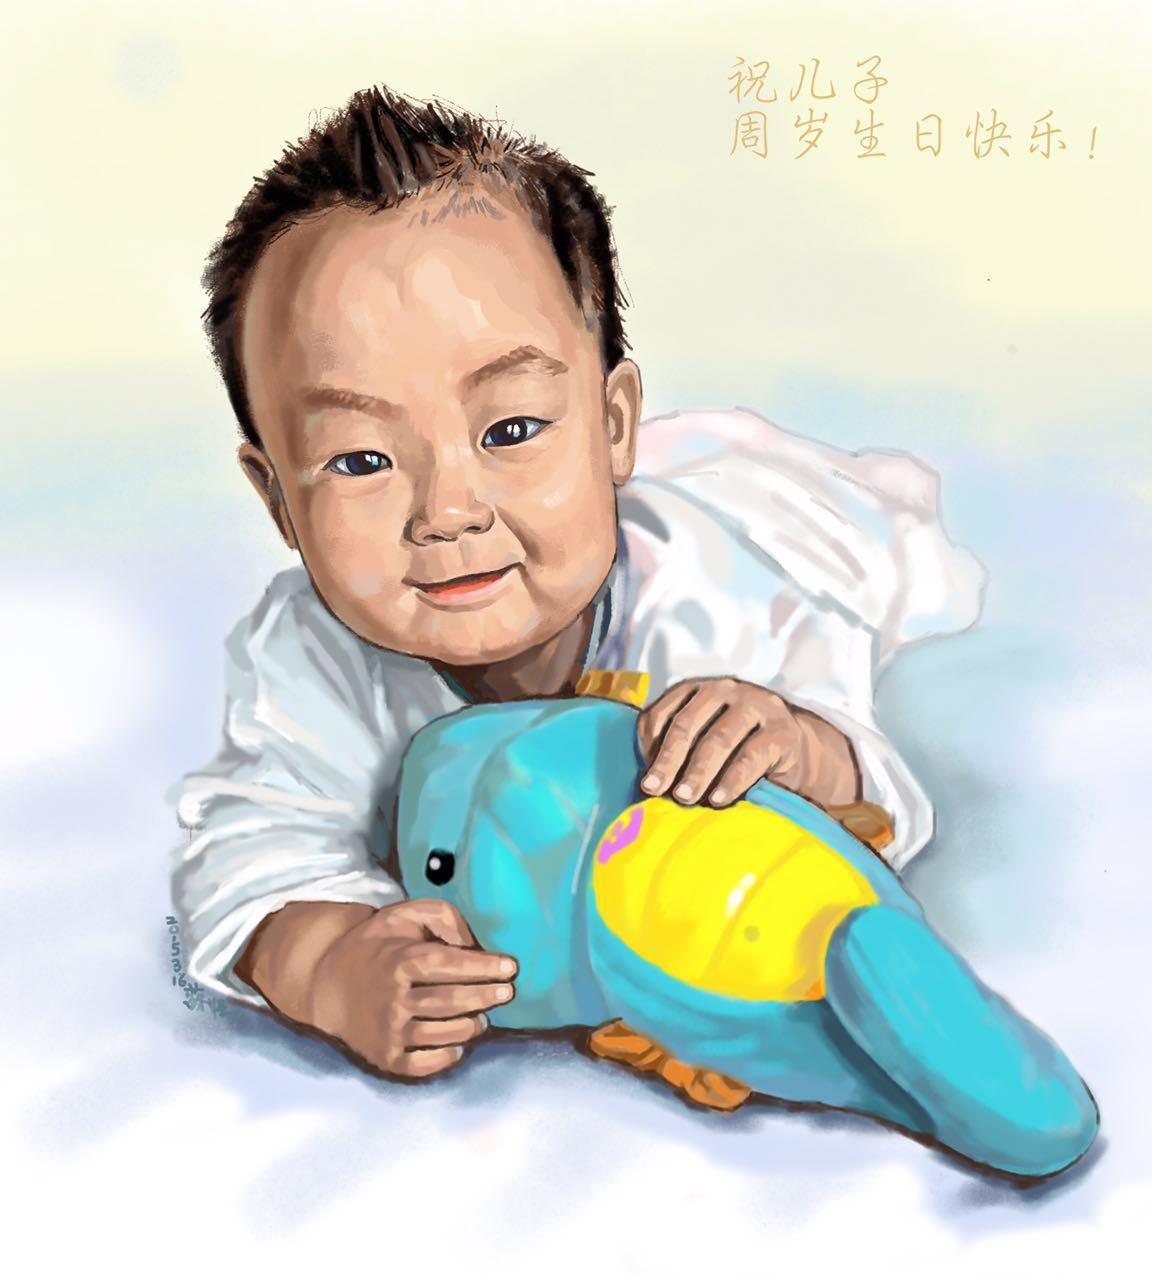 宝宝 壁纸 儿童 孩子 小孩 婴儿 1152_1280